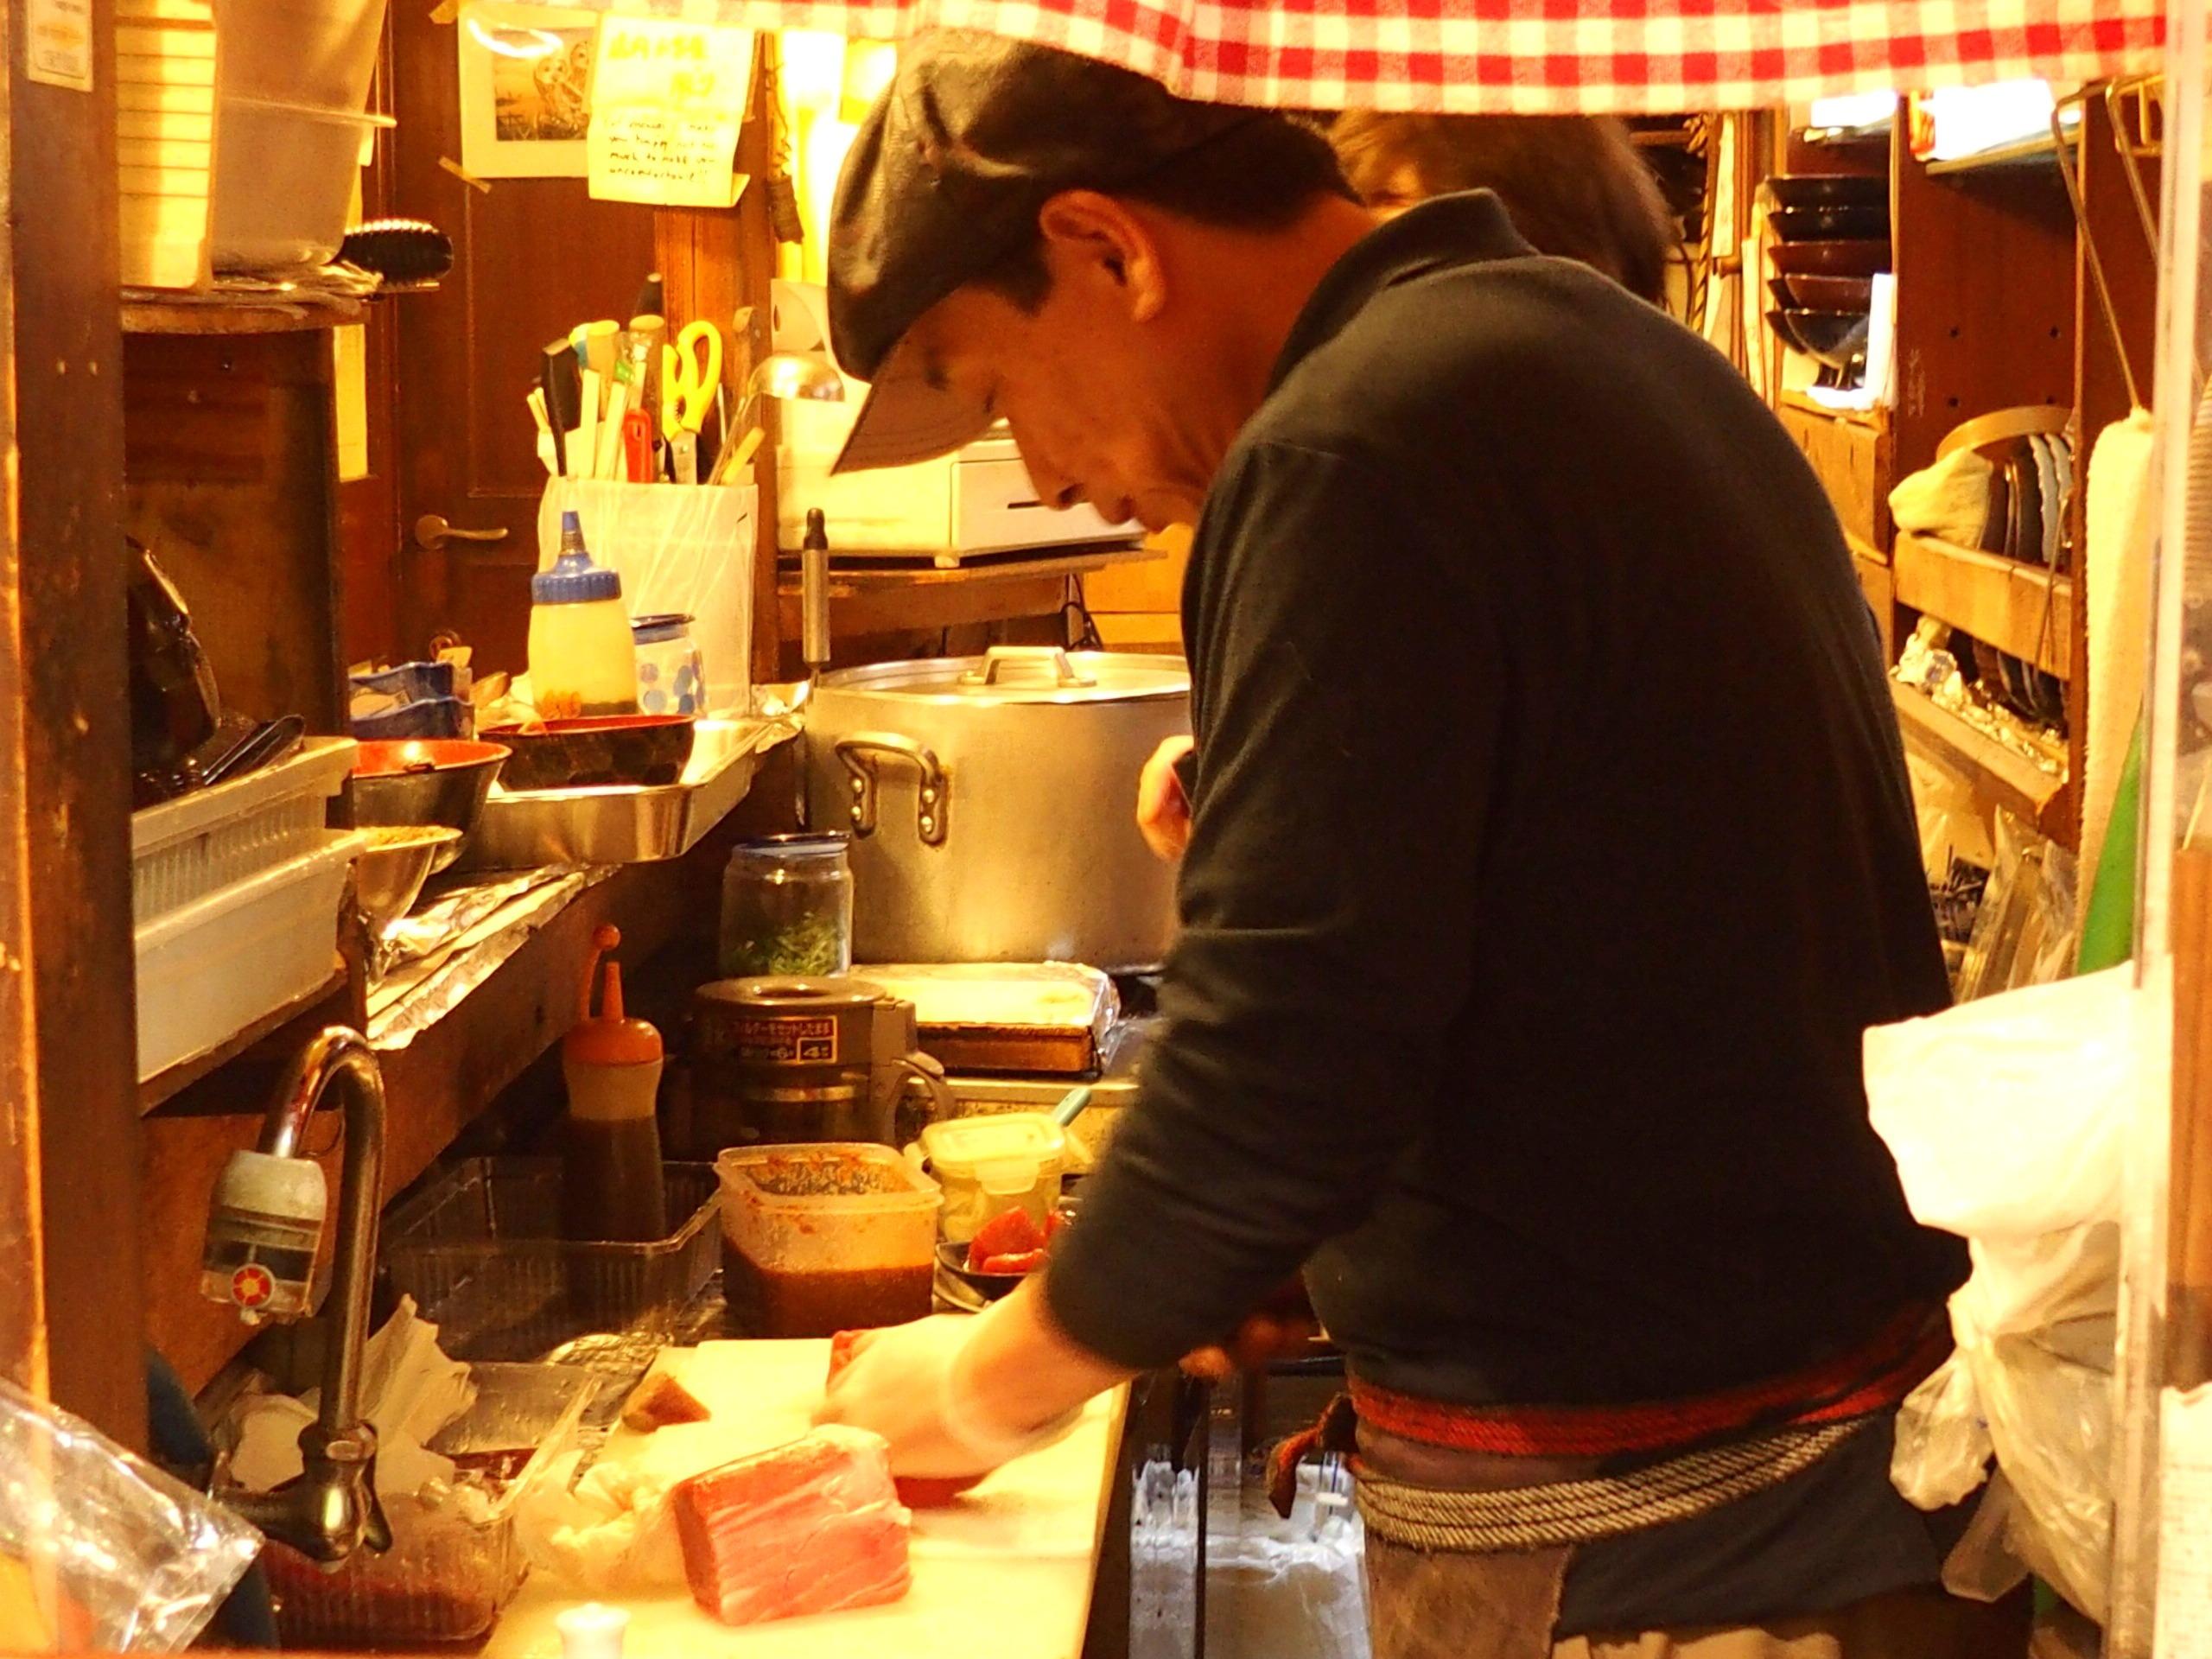 Préparation des sushis marché Osaka Japon